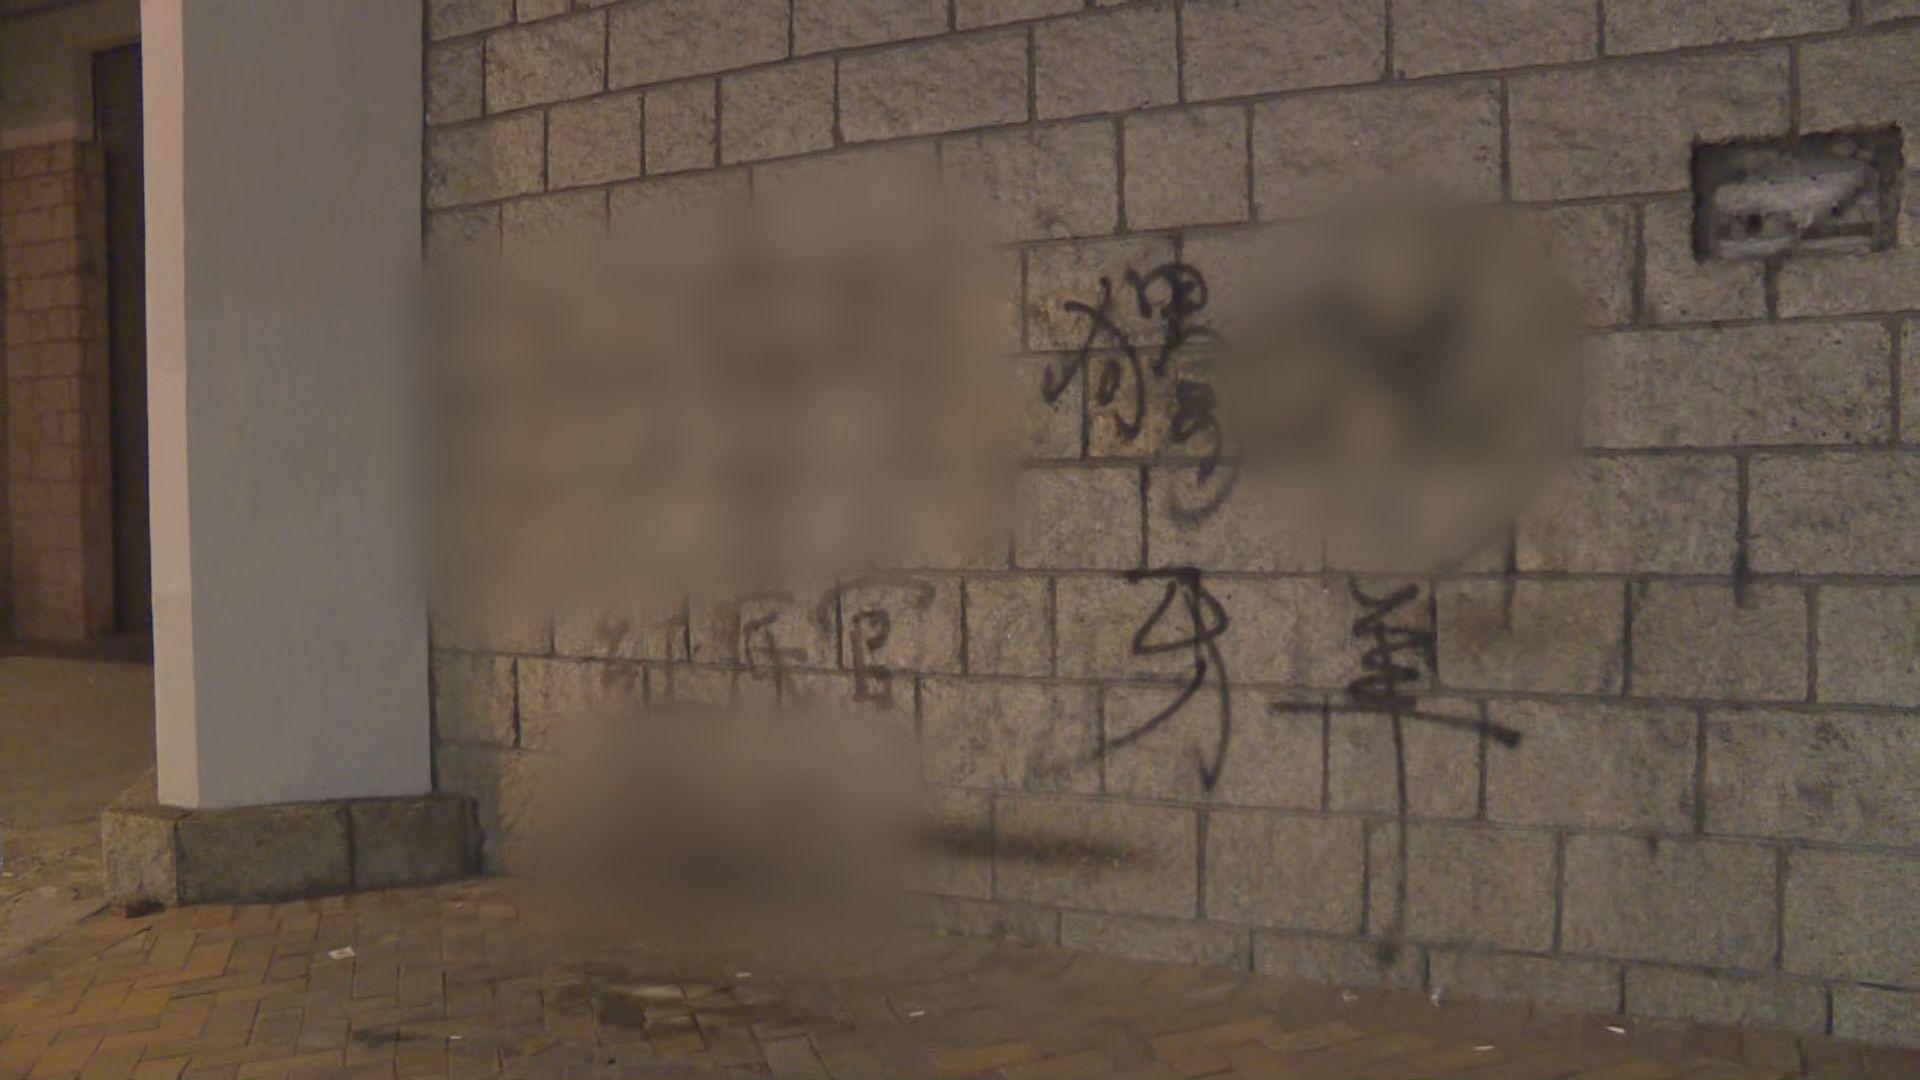 律政司:示威者噴漆點名批評法官損害法治